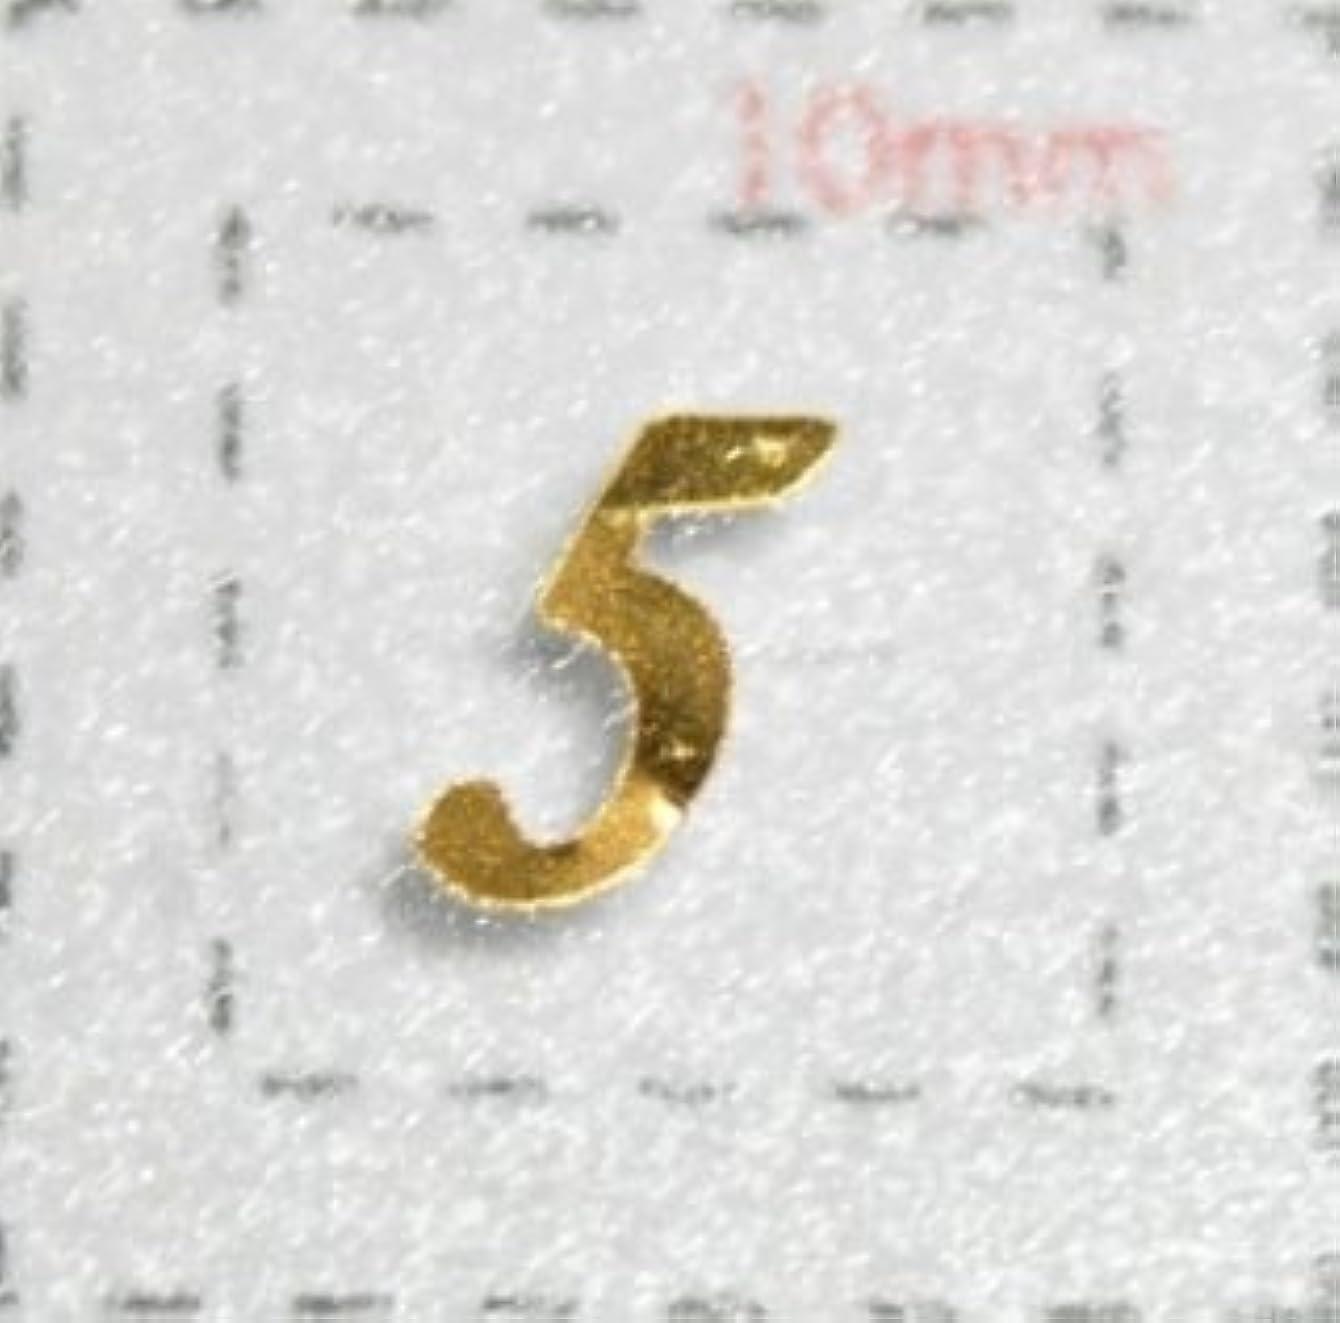 変更可能悲劇本能【数字ネイルシール】1筆記体《5》ゴールド/1シート9枚